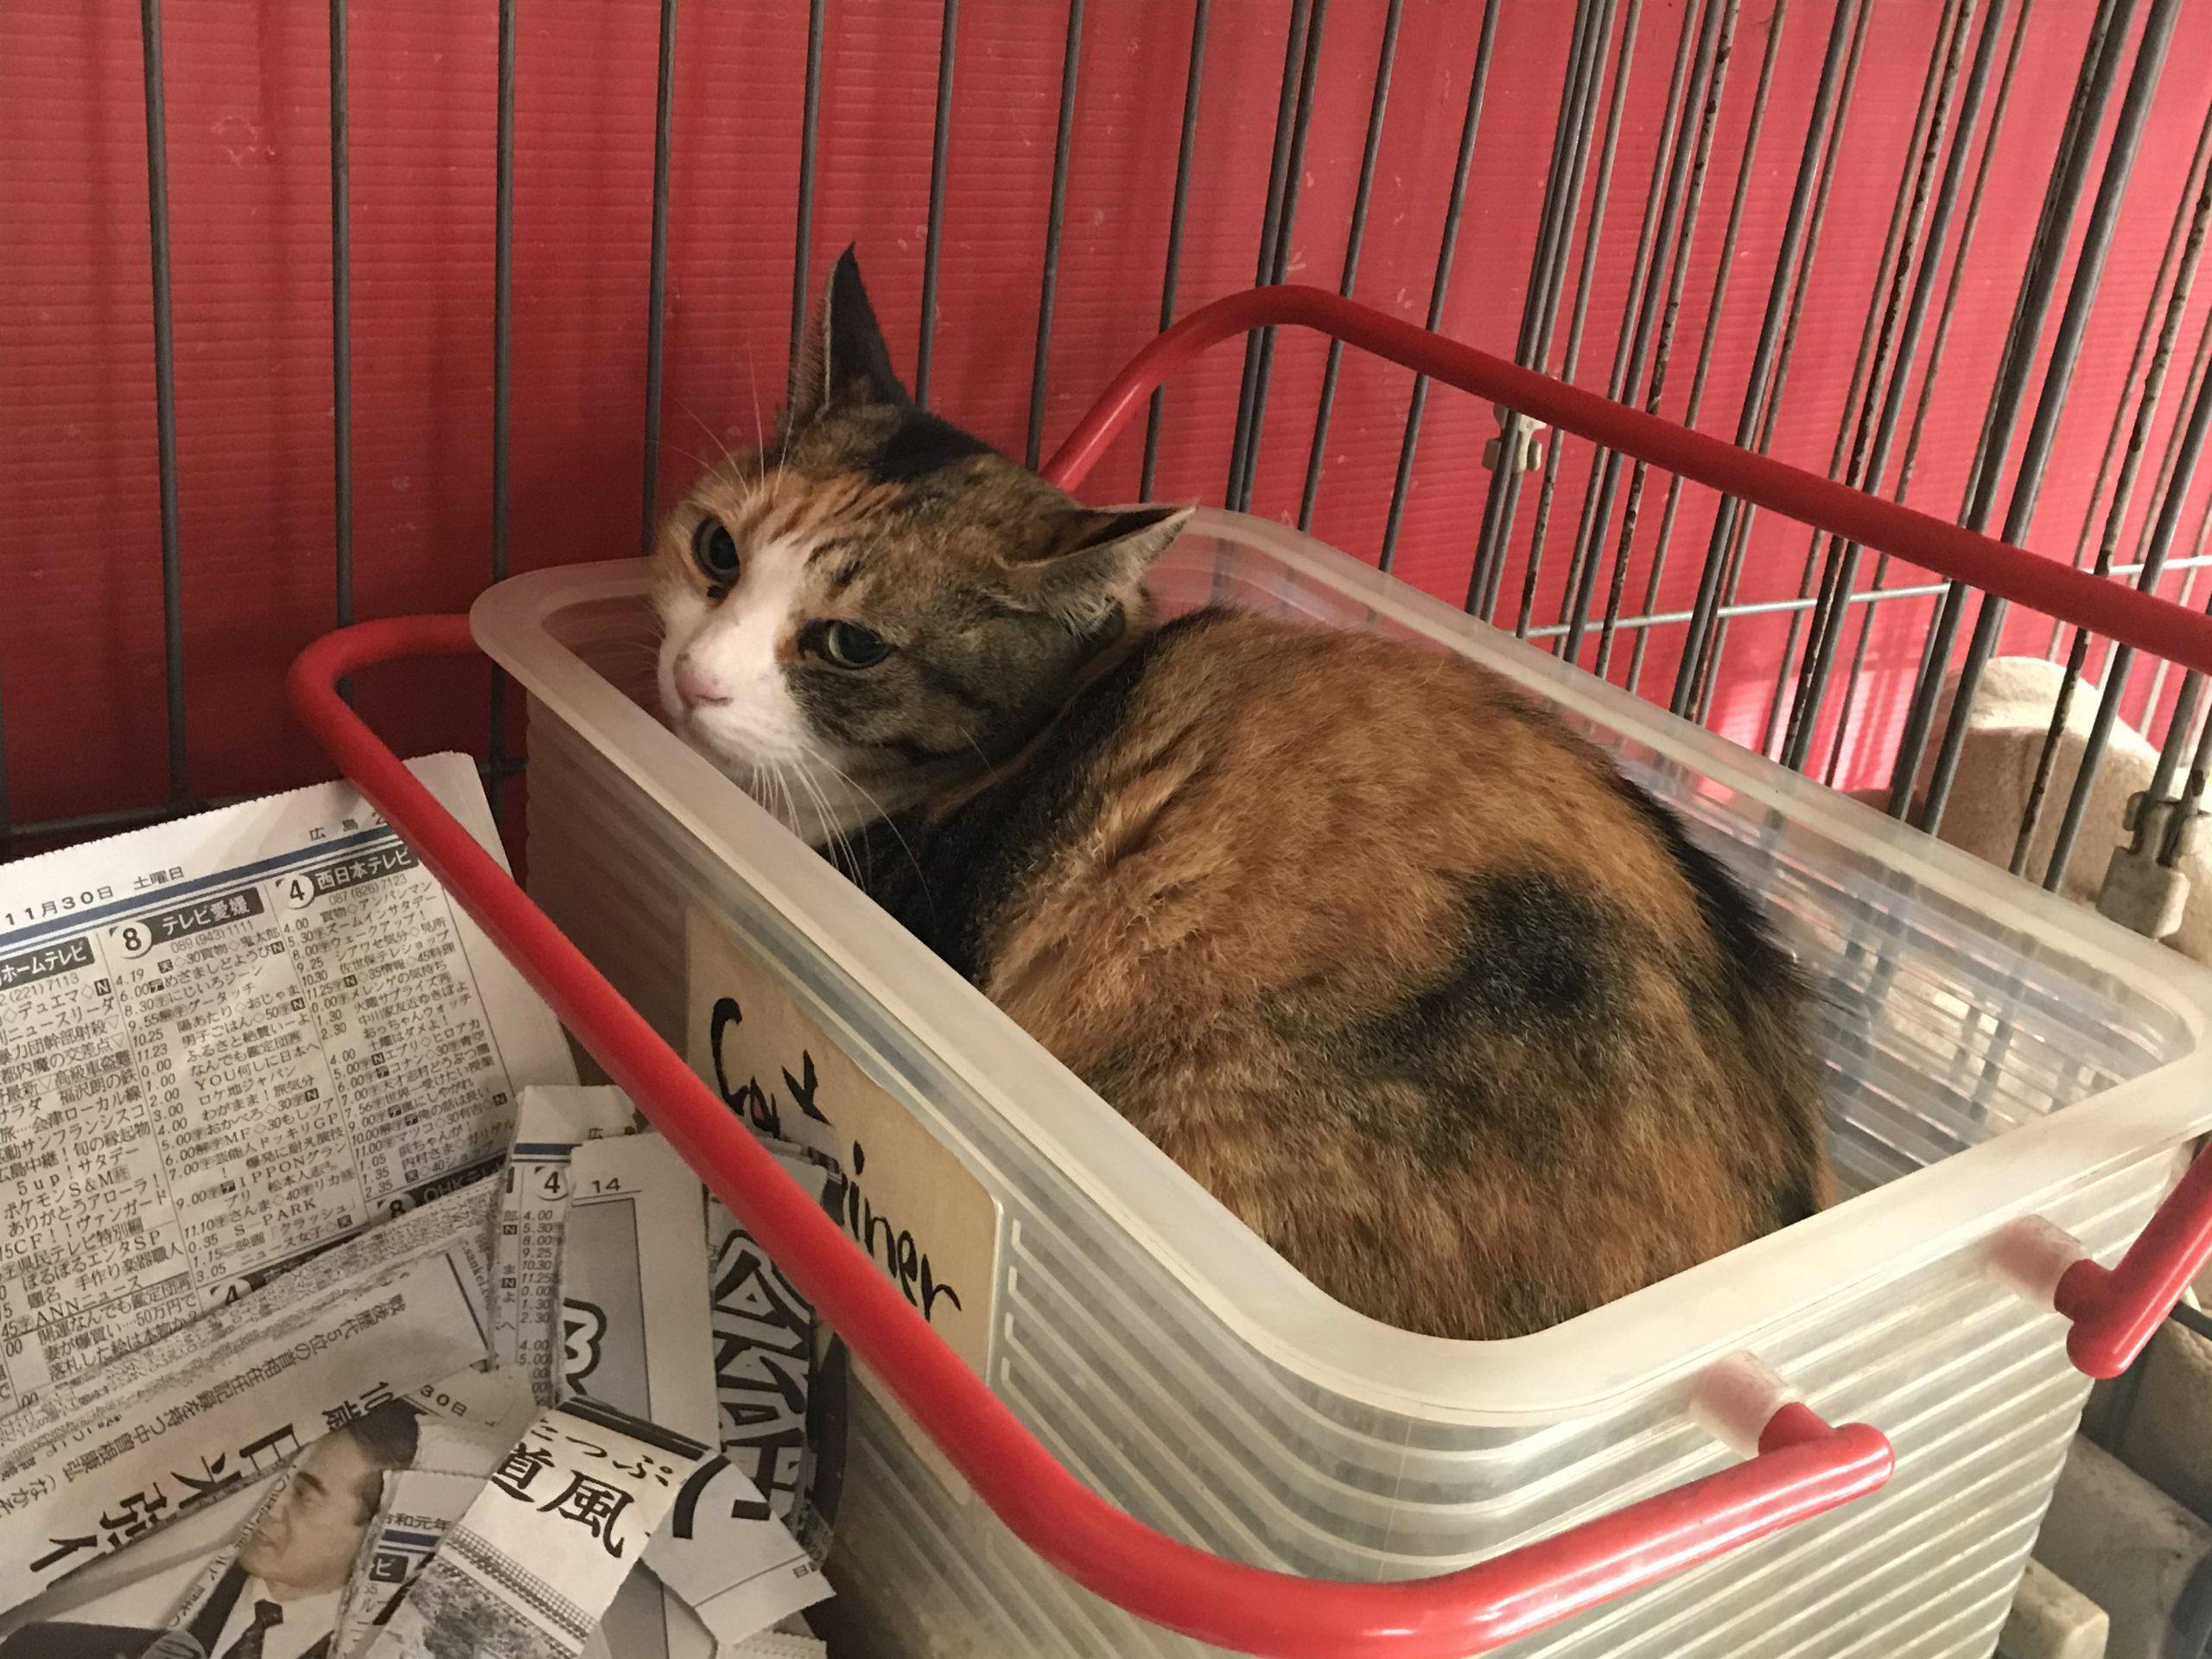 <p></p> <ul> <li>猫種:日本猫 三毛</li> <li>性別:女の子</li> <li>名前:ミケ</li> <li>年齢:6歳</li> <li>保護経緯:飼い主様が亡くなられたため飼育困難になった</li> </ul>